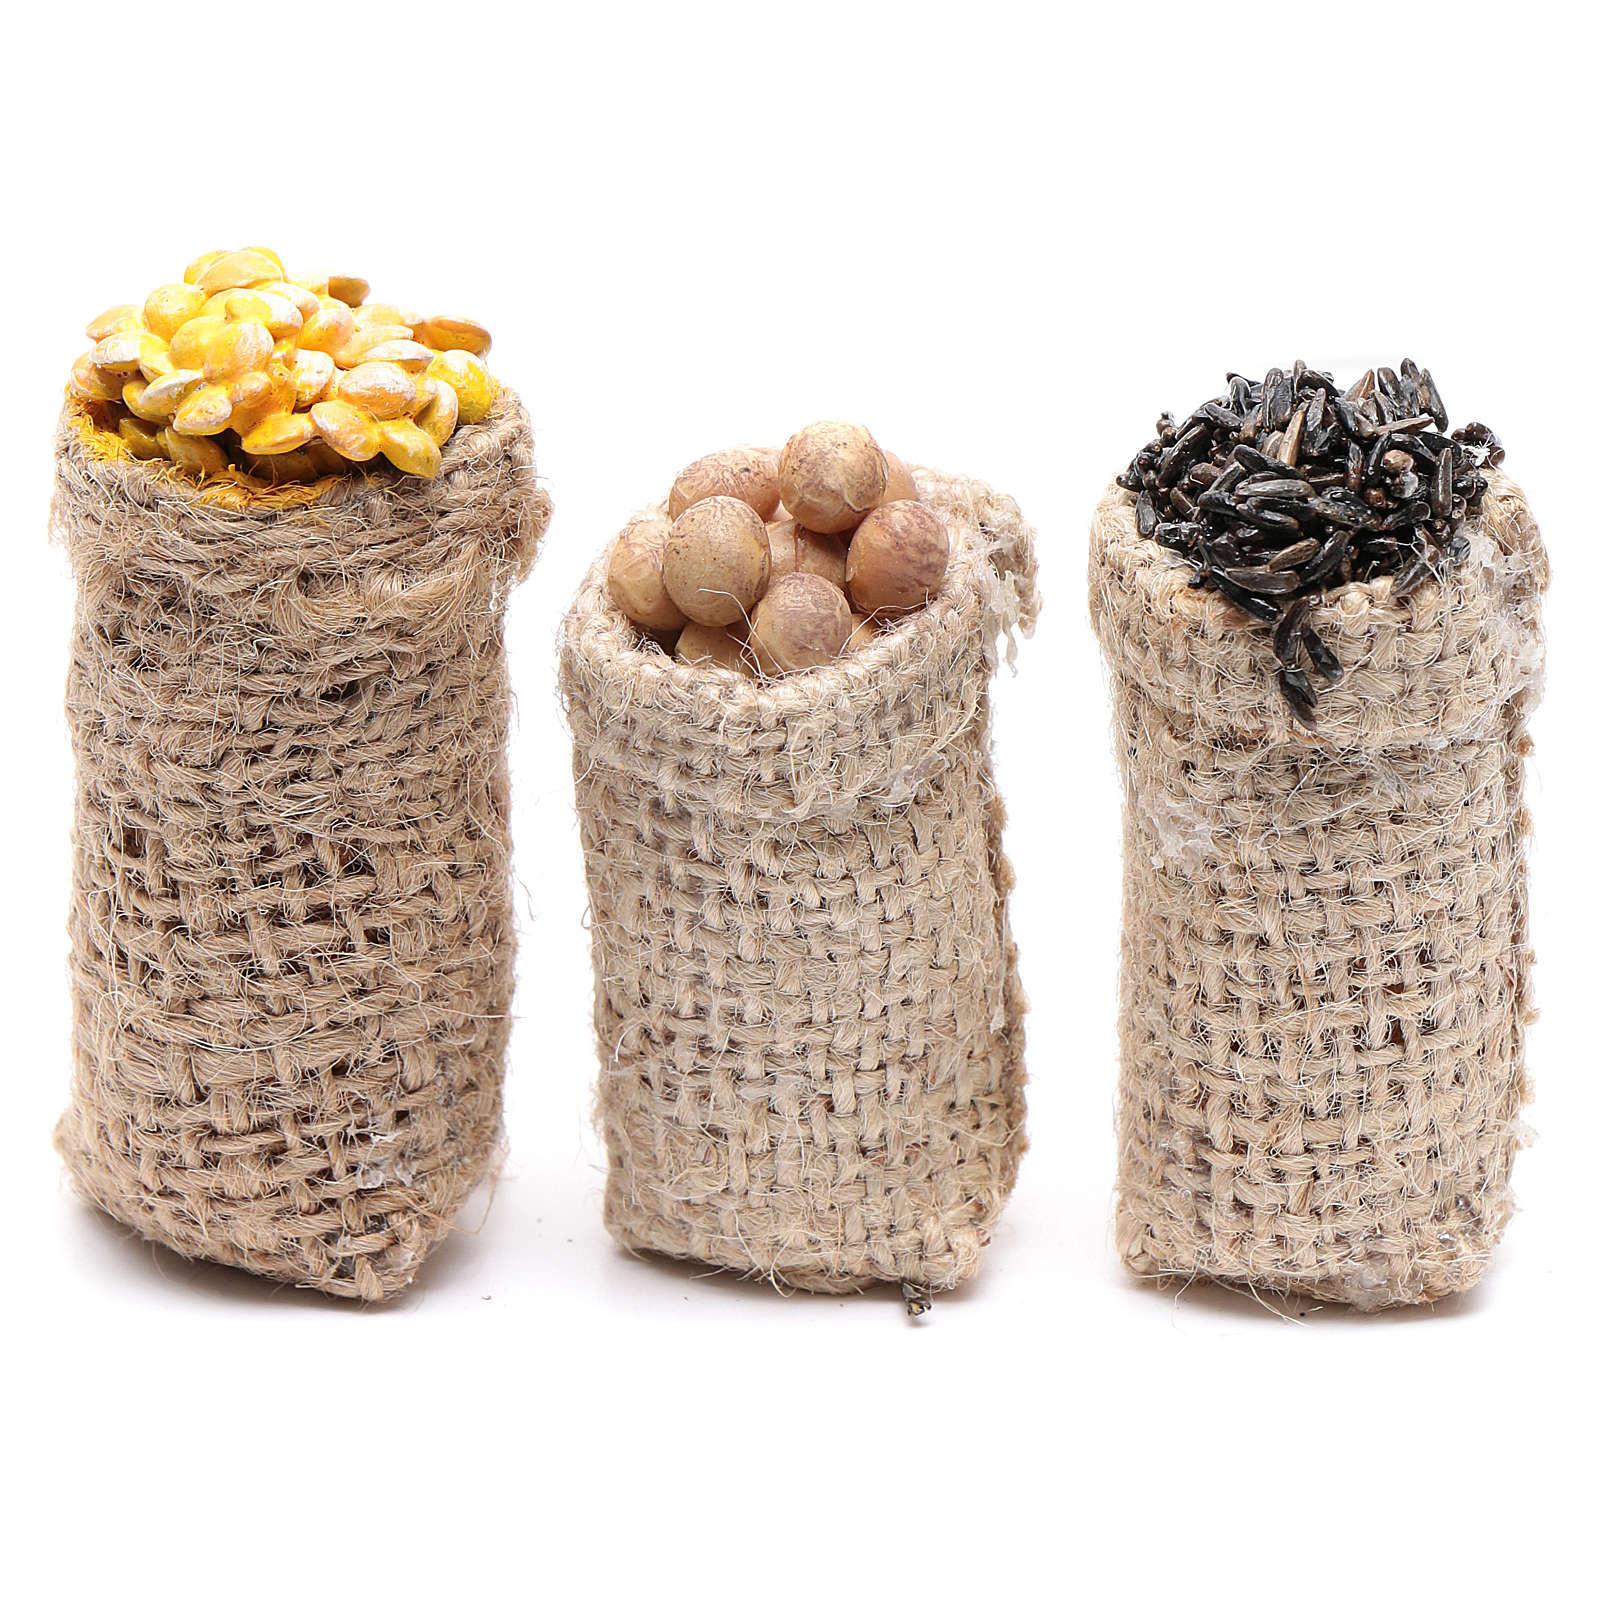 Säcke mit Knollengemüse Set zu 3 Stück für DIY-Krippe 4